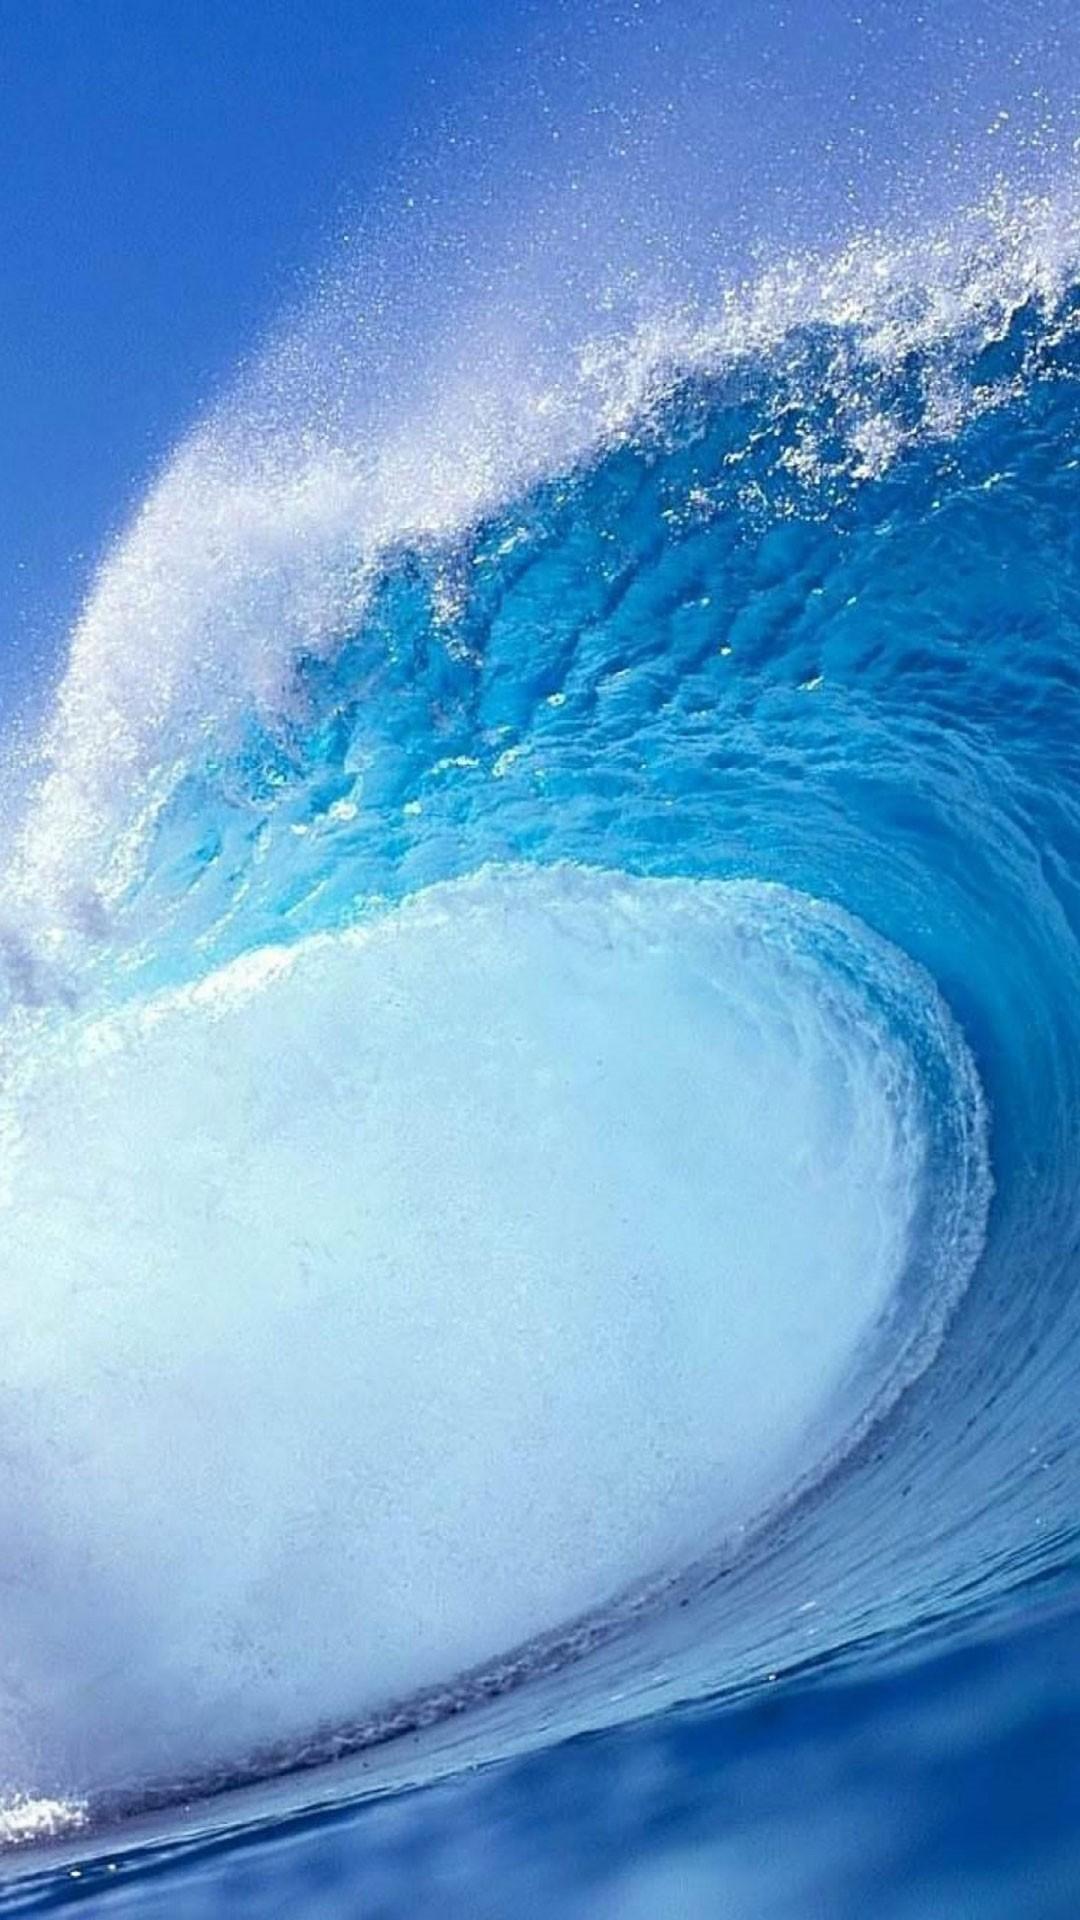 Water iPhone 5 wallpaper